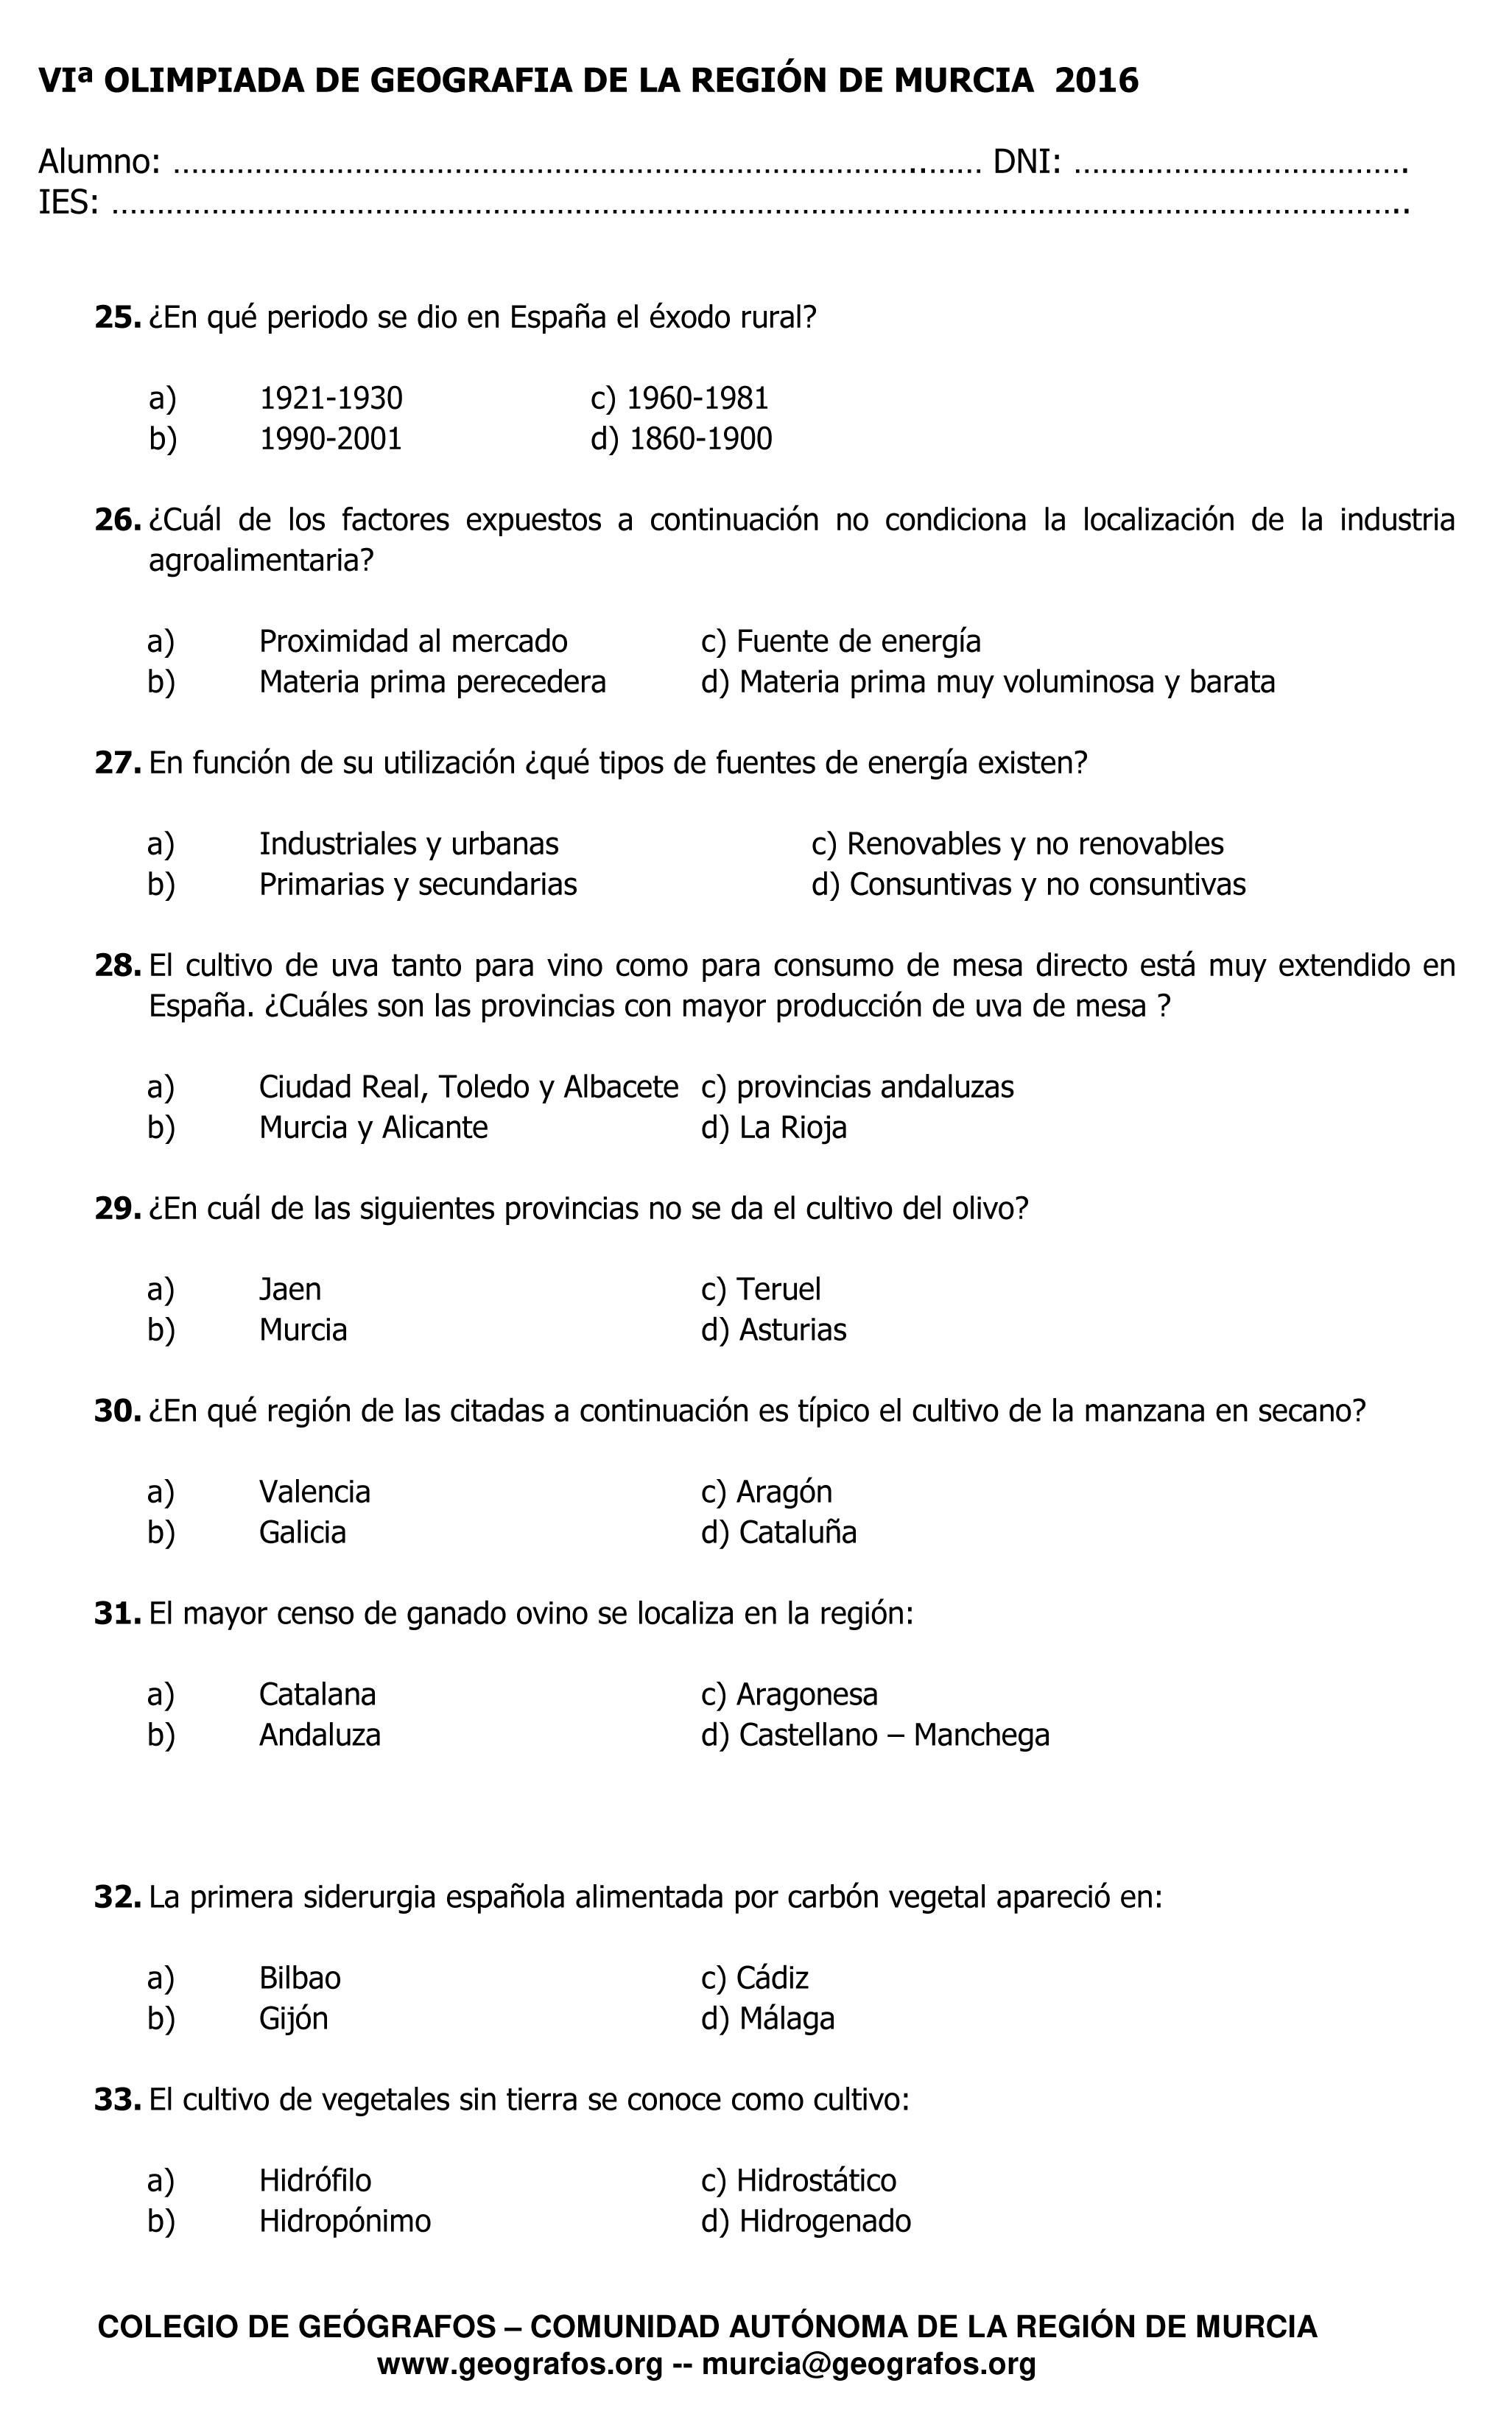 Cuestiones de la VI Olimpiada de Geografía Región de Murcia 2016 - 4